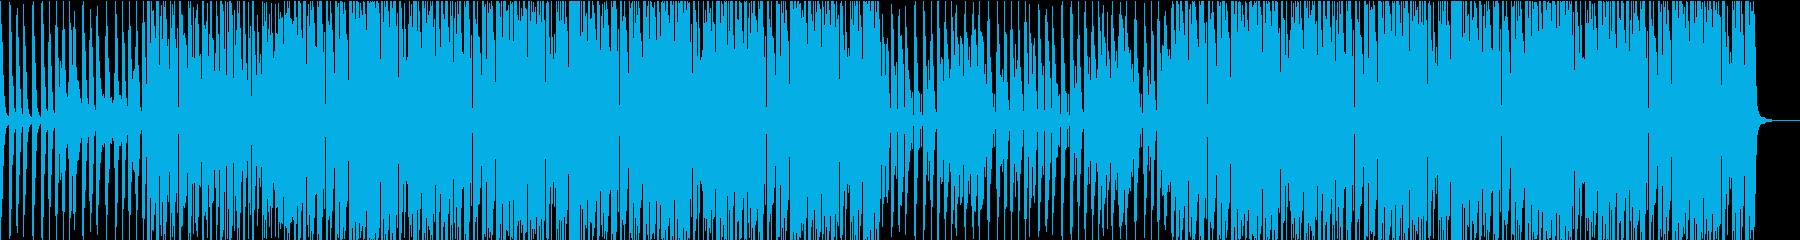 ドライブで海辺を駆け抜けるような曲の再生済みの波形